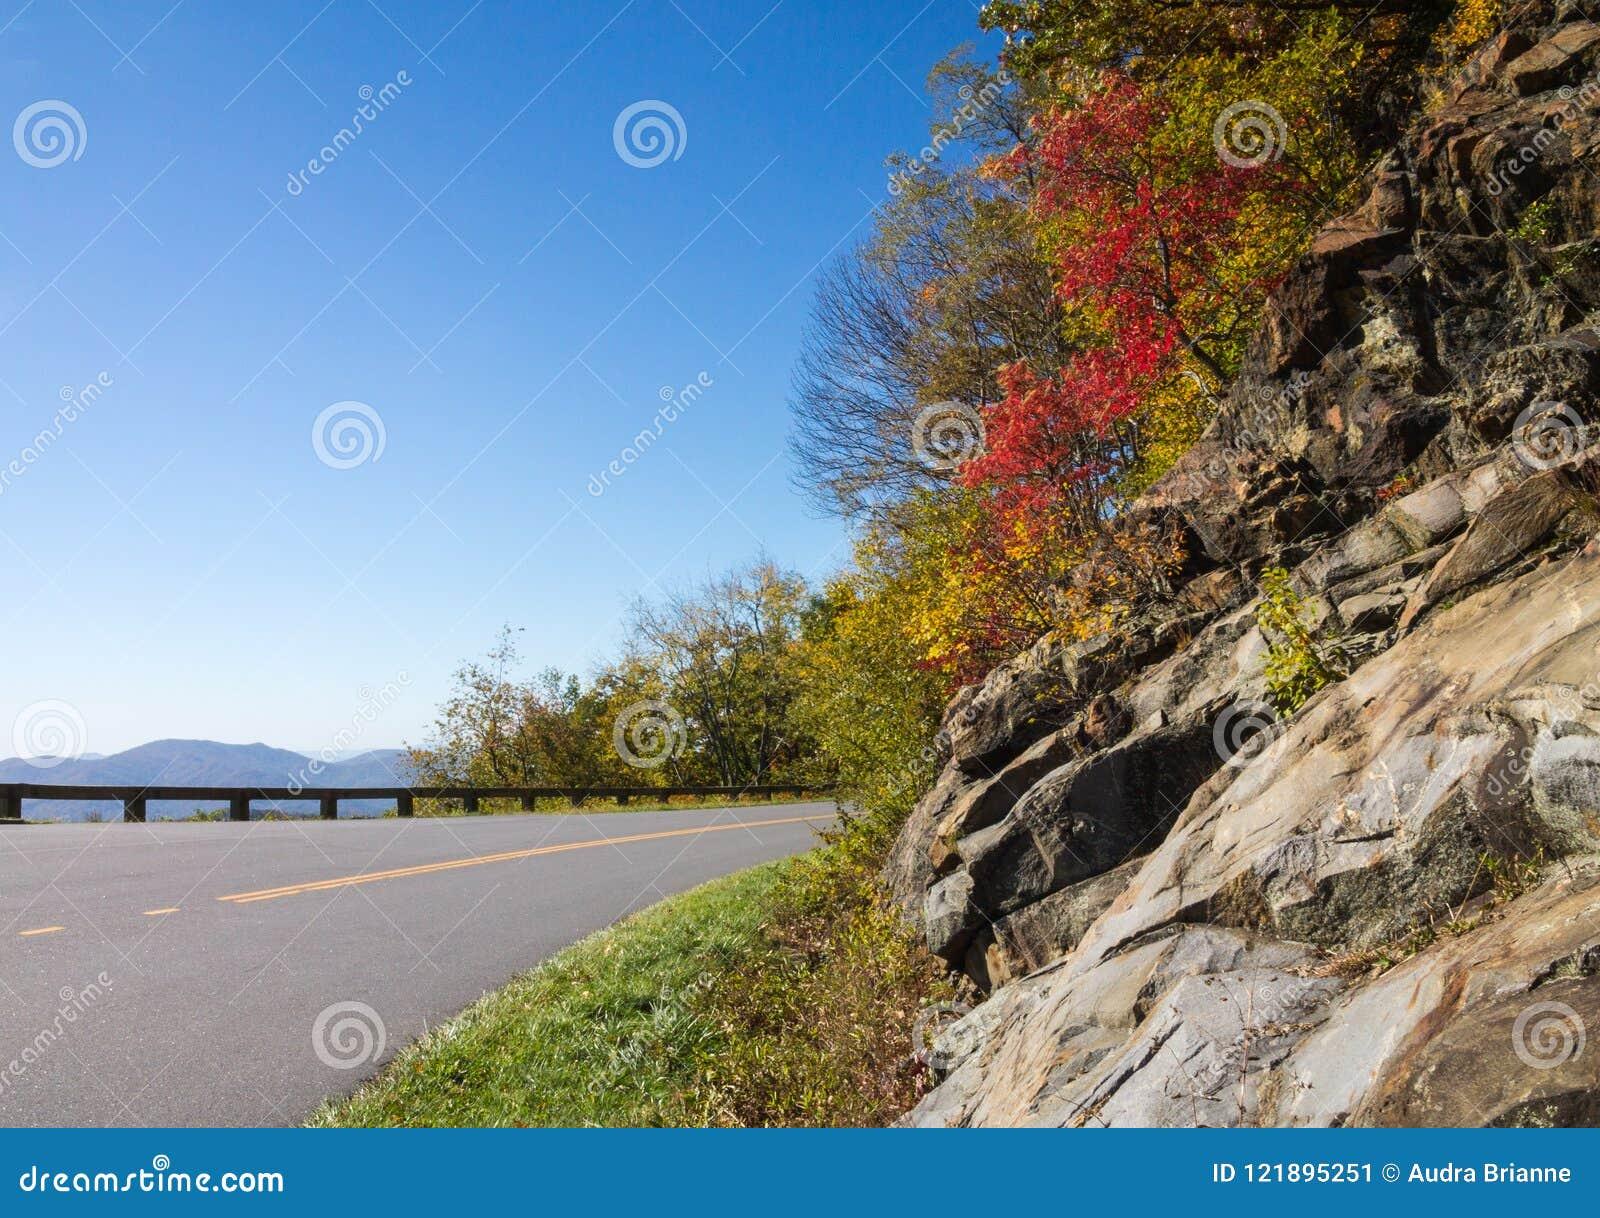 Μπλε θέα βουνού χώρων στάθμευσης κορυφογραμμών με το φύλλωμα που προσκολλάται στον ώμο